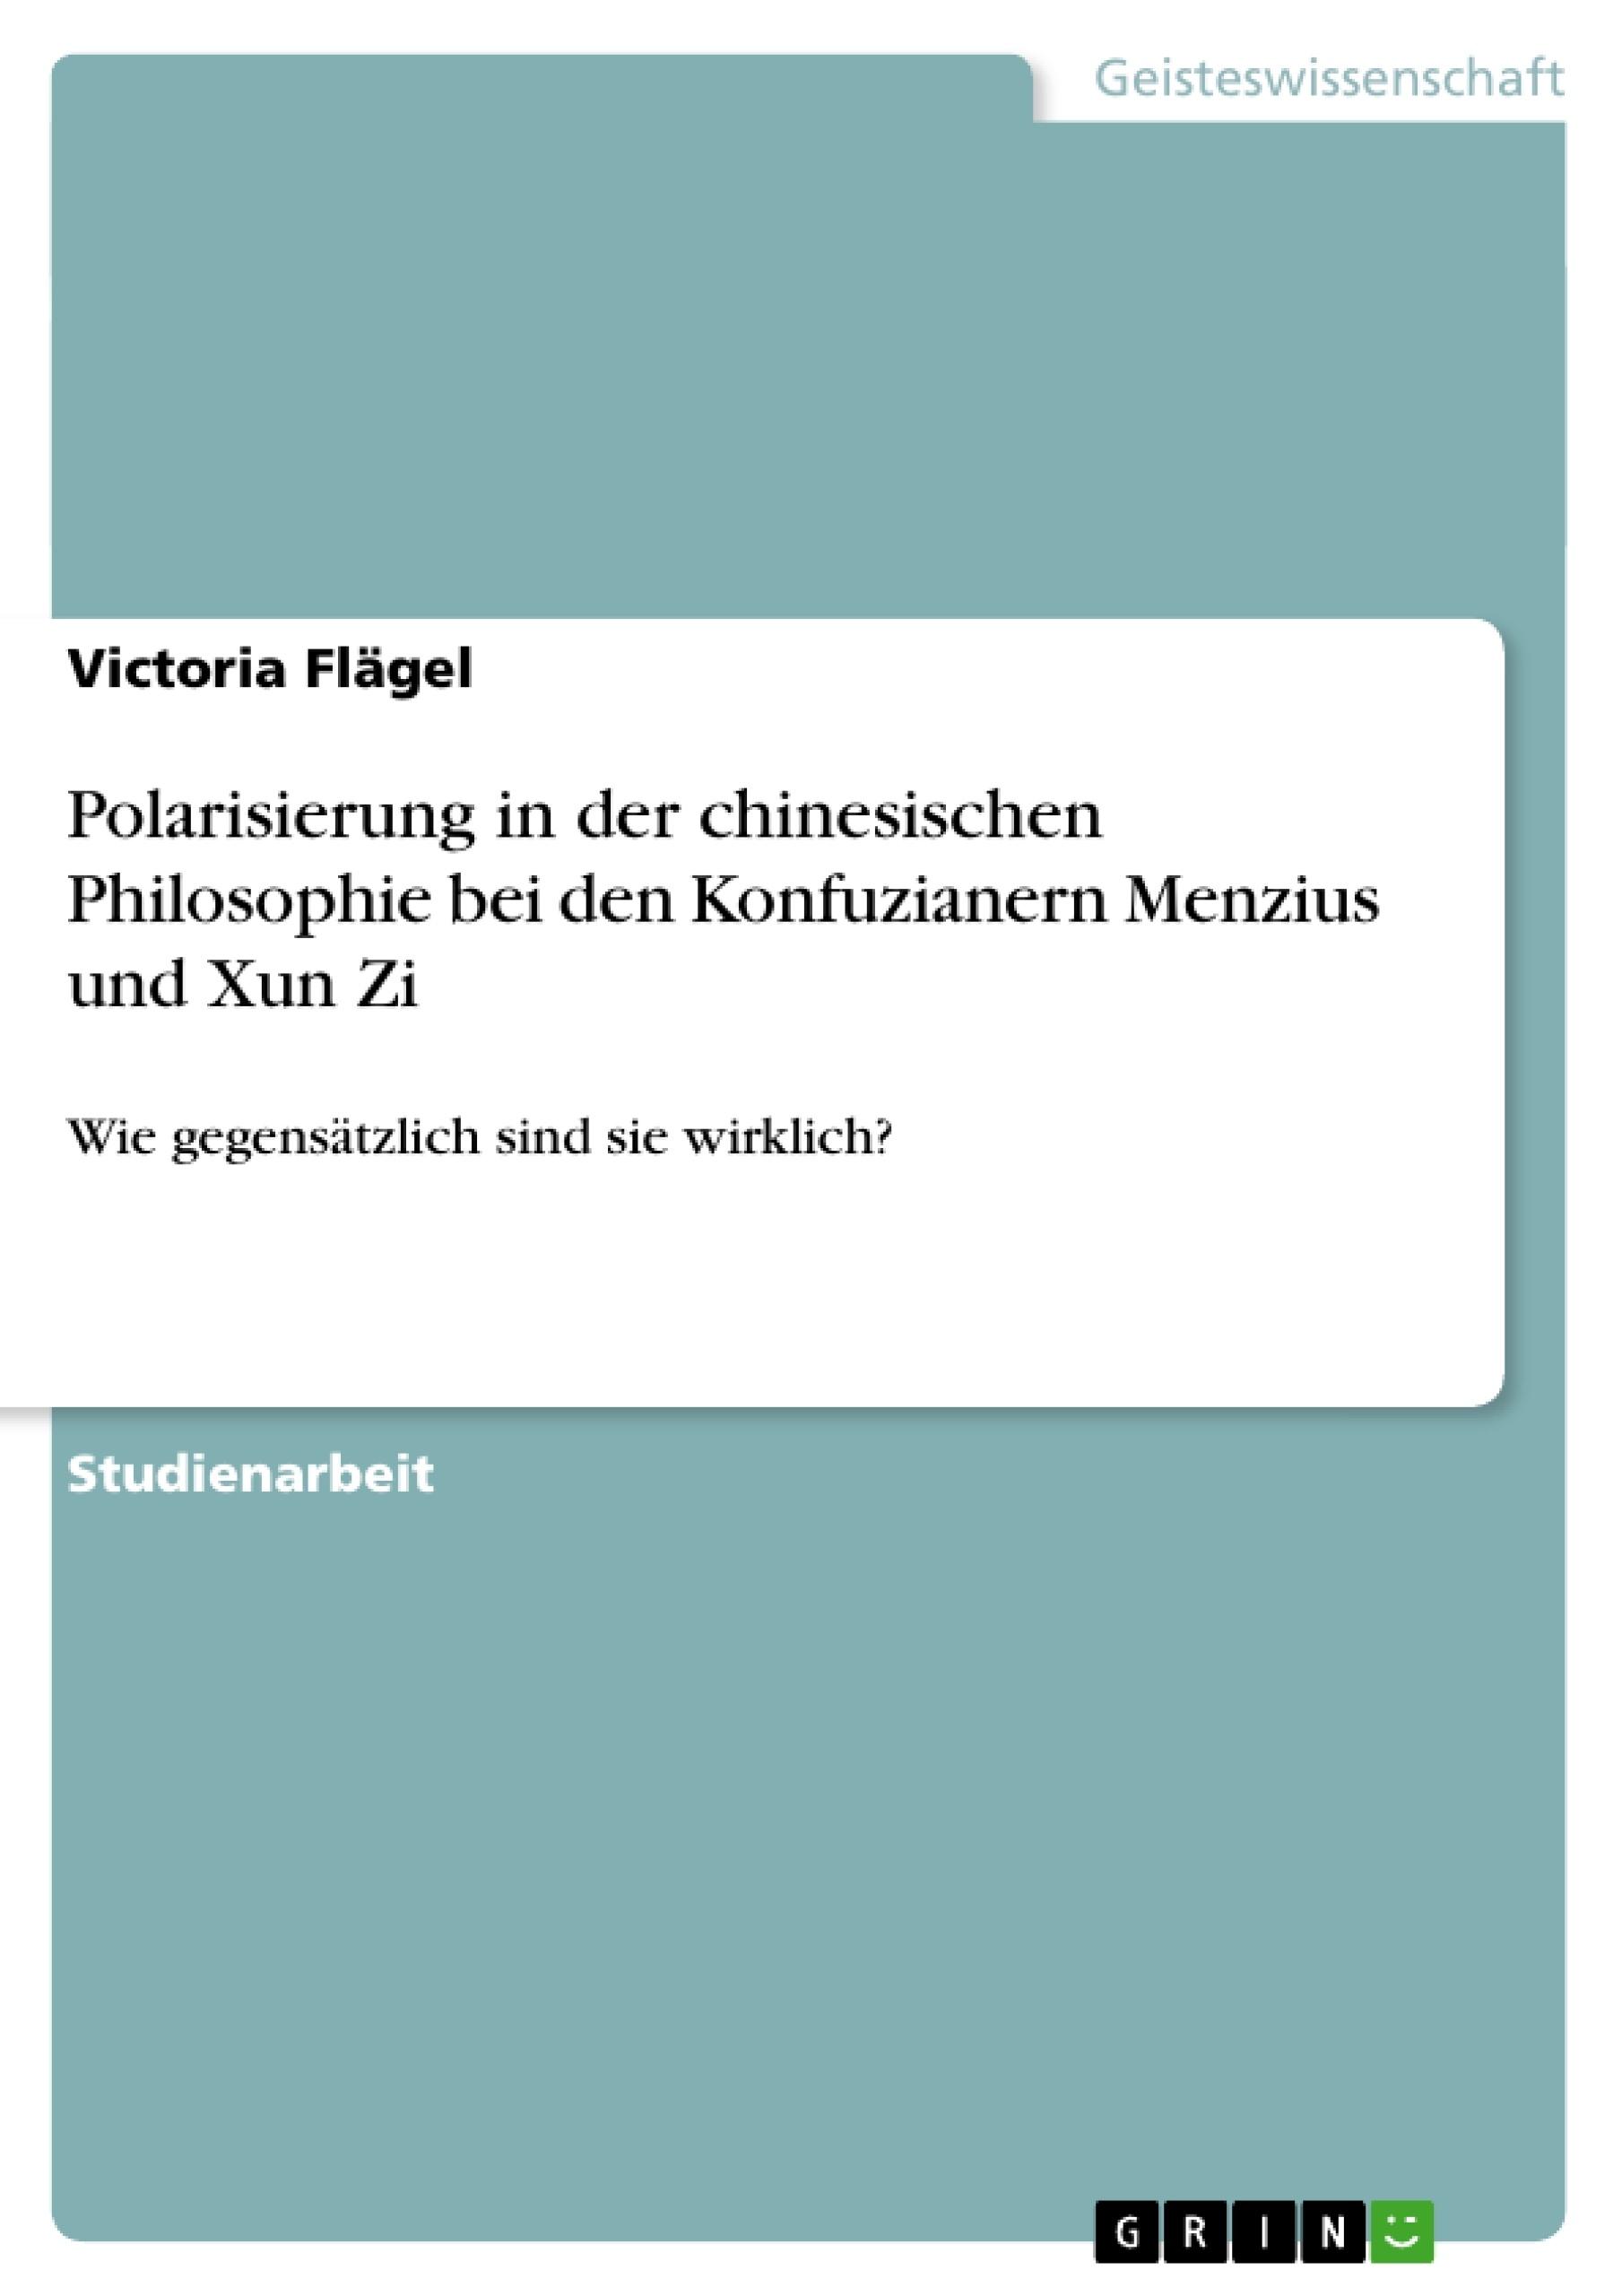 Titel: Polarisierung in der chinesischen Philosophie bei den Konfuzianern Menzius und Xun Zi